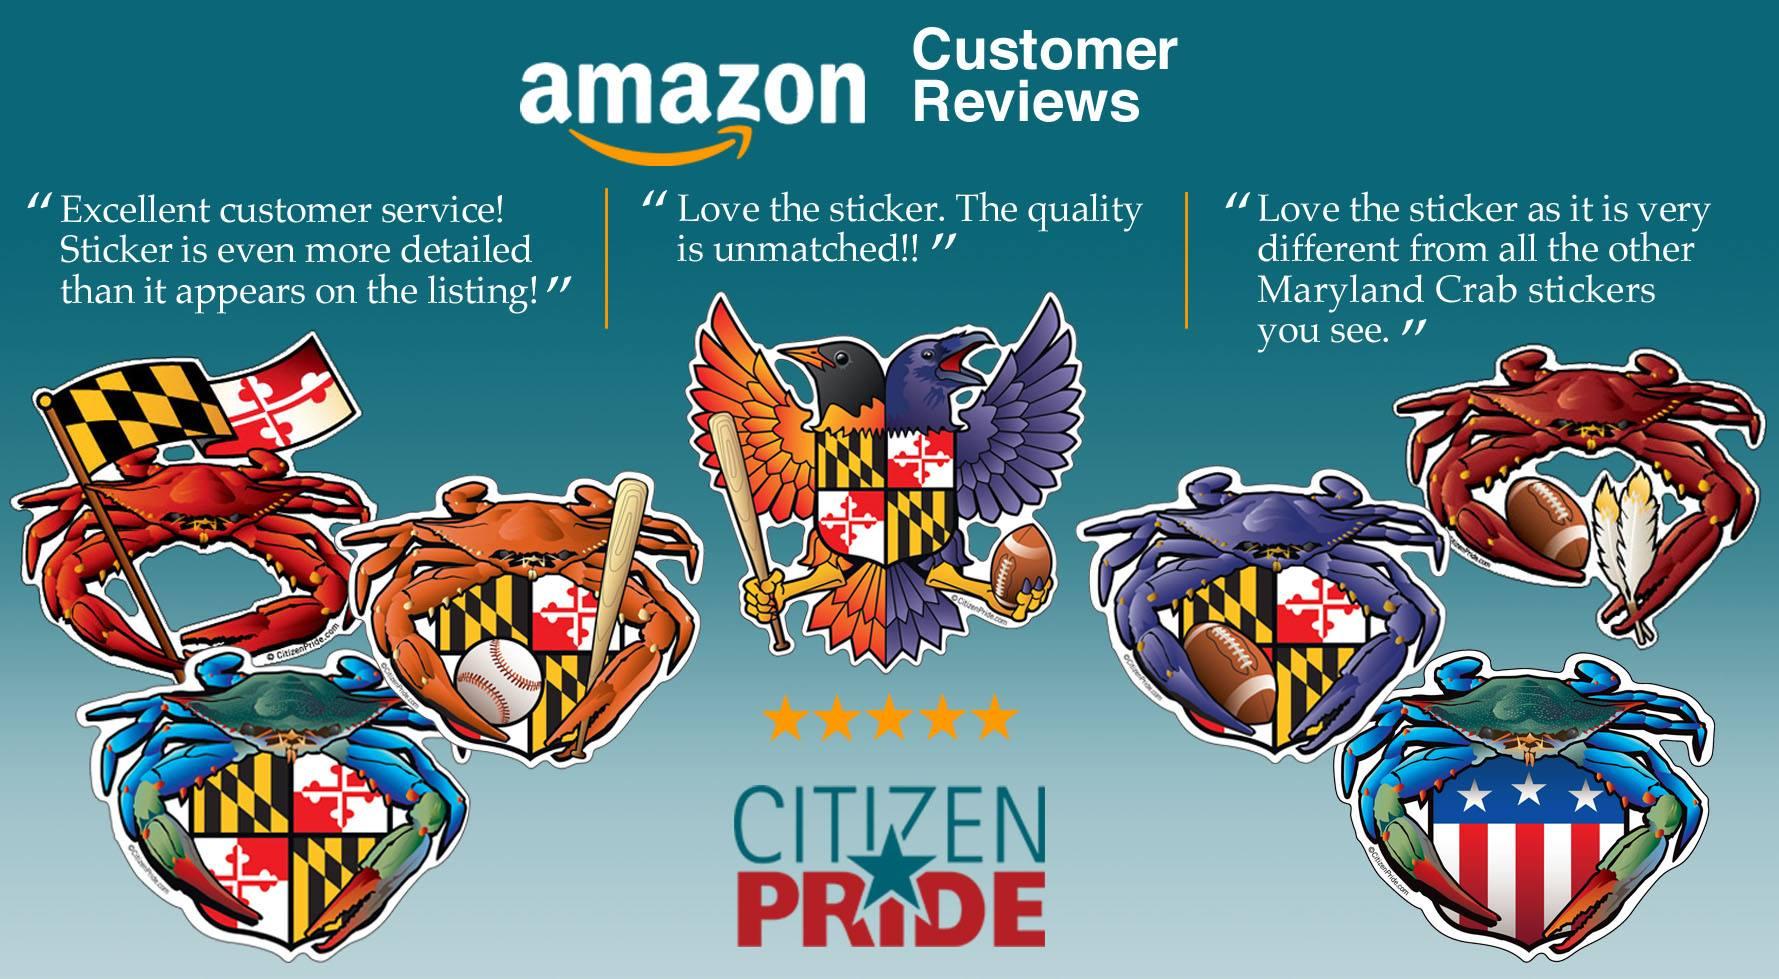 Citizen-pride-sticker-reviews.jpg